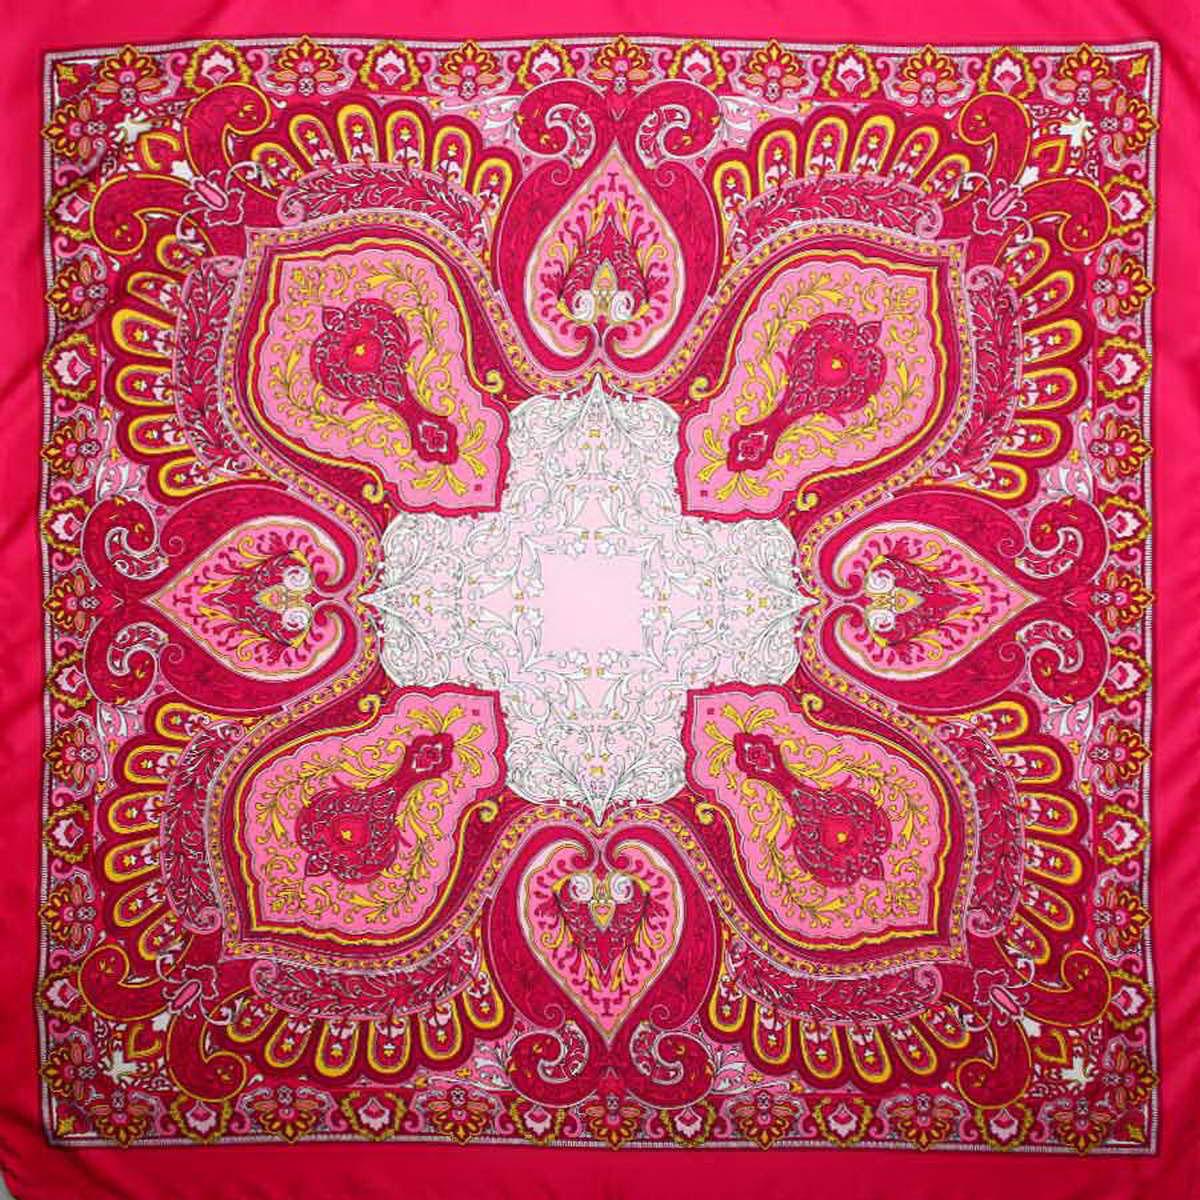 Платок женский Venera, цвет: фуксия, розовый, желтый. 3906133-05. Размер 90 см х 90 см3906133-05Изысканный и невероятно красивый женский платок Venera изготовлен из нежного и легкого полиэстера, станет умопомрачительным аксессуаром для нежной и романтичной женщины, которая всегда стремиться произвести эффект на окружающих. Этот замечательный платок с деликатным восточным рисунком добавит образу экзотичности, восточного шарма и великолепия.Классическая квадратная форма позволяет носить платок на шее, украшать им прическу или декорировать сумочку.Такой платок превосходно дополнит любой наряд и подчеркнет ваш неповторимый вкус и элегантность.